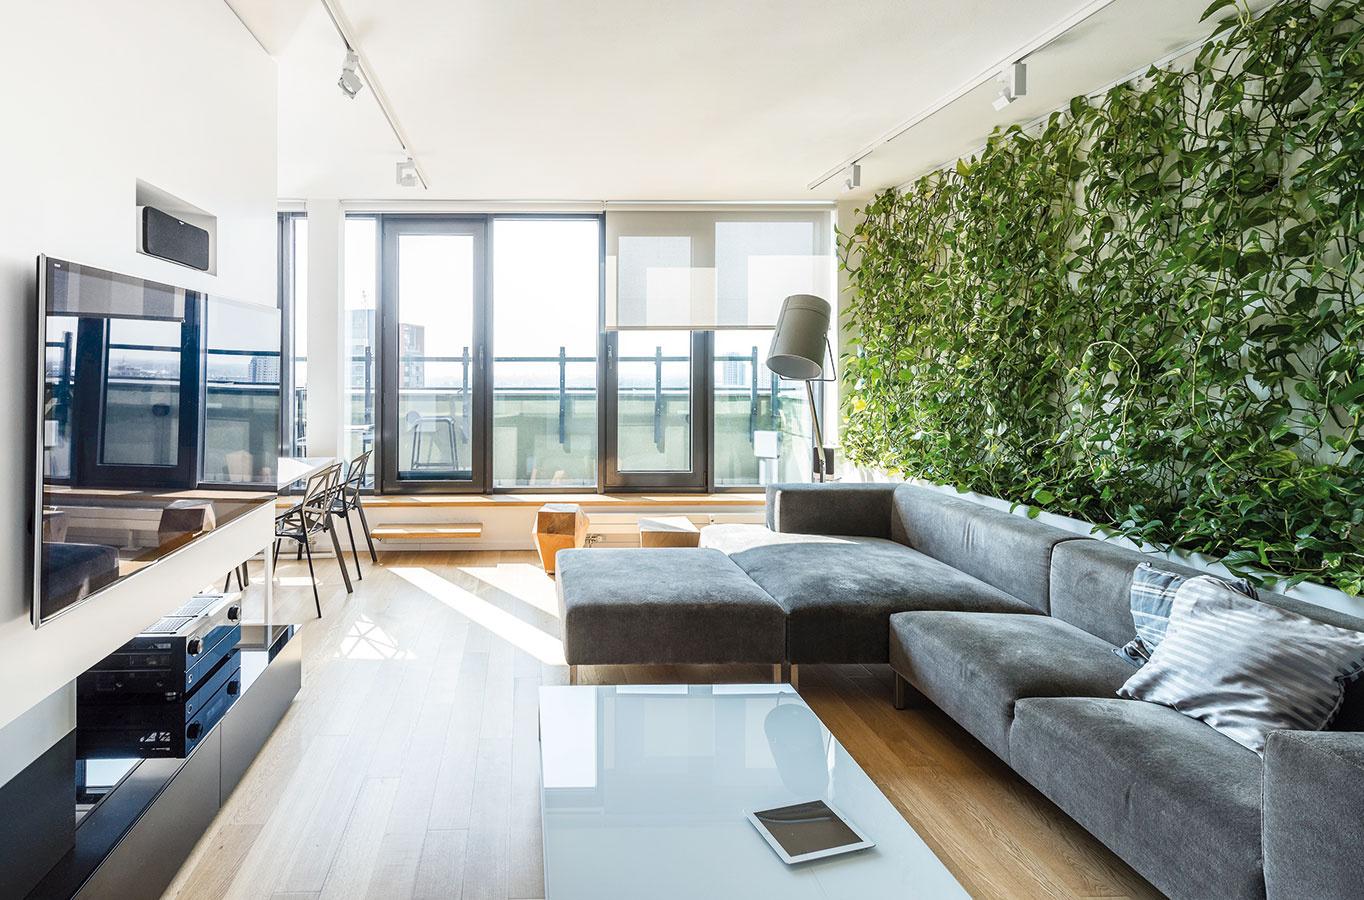 Živá stena vnesie aj do moderne zariadenej obývacej izby atmosféru prírody. Ak sa rozhodnete pre hydroponické pestovanie, podobne ako architekti zateliéru RULES pri návrhu tohto mezonetu, nebude vyžadovať takmer nijakú starostlivosť. (www.rules.sk)